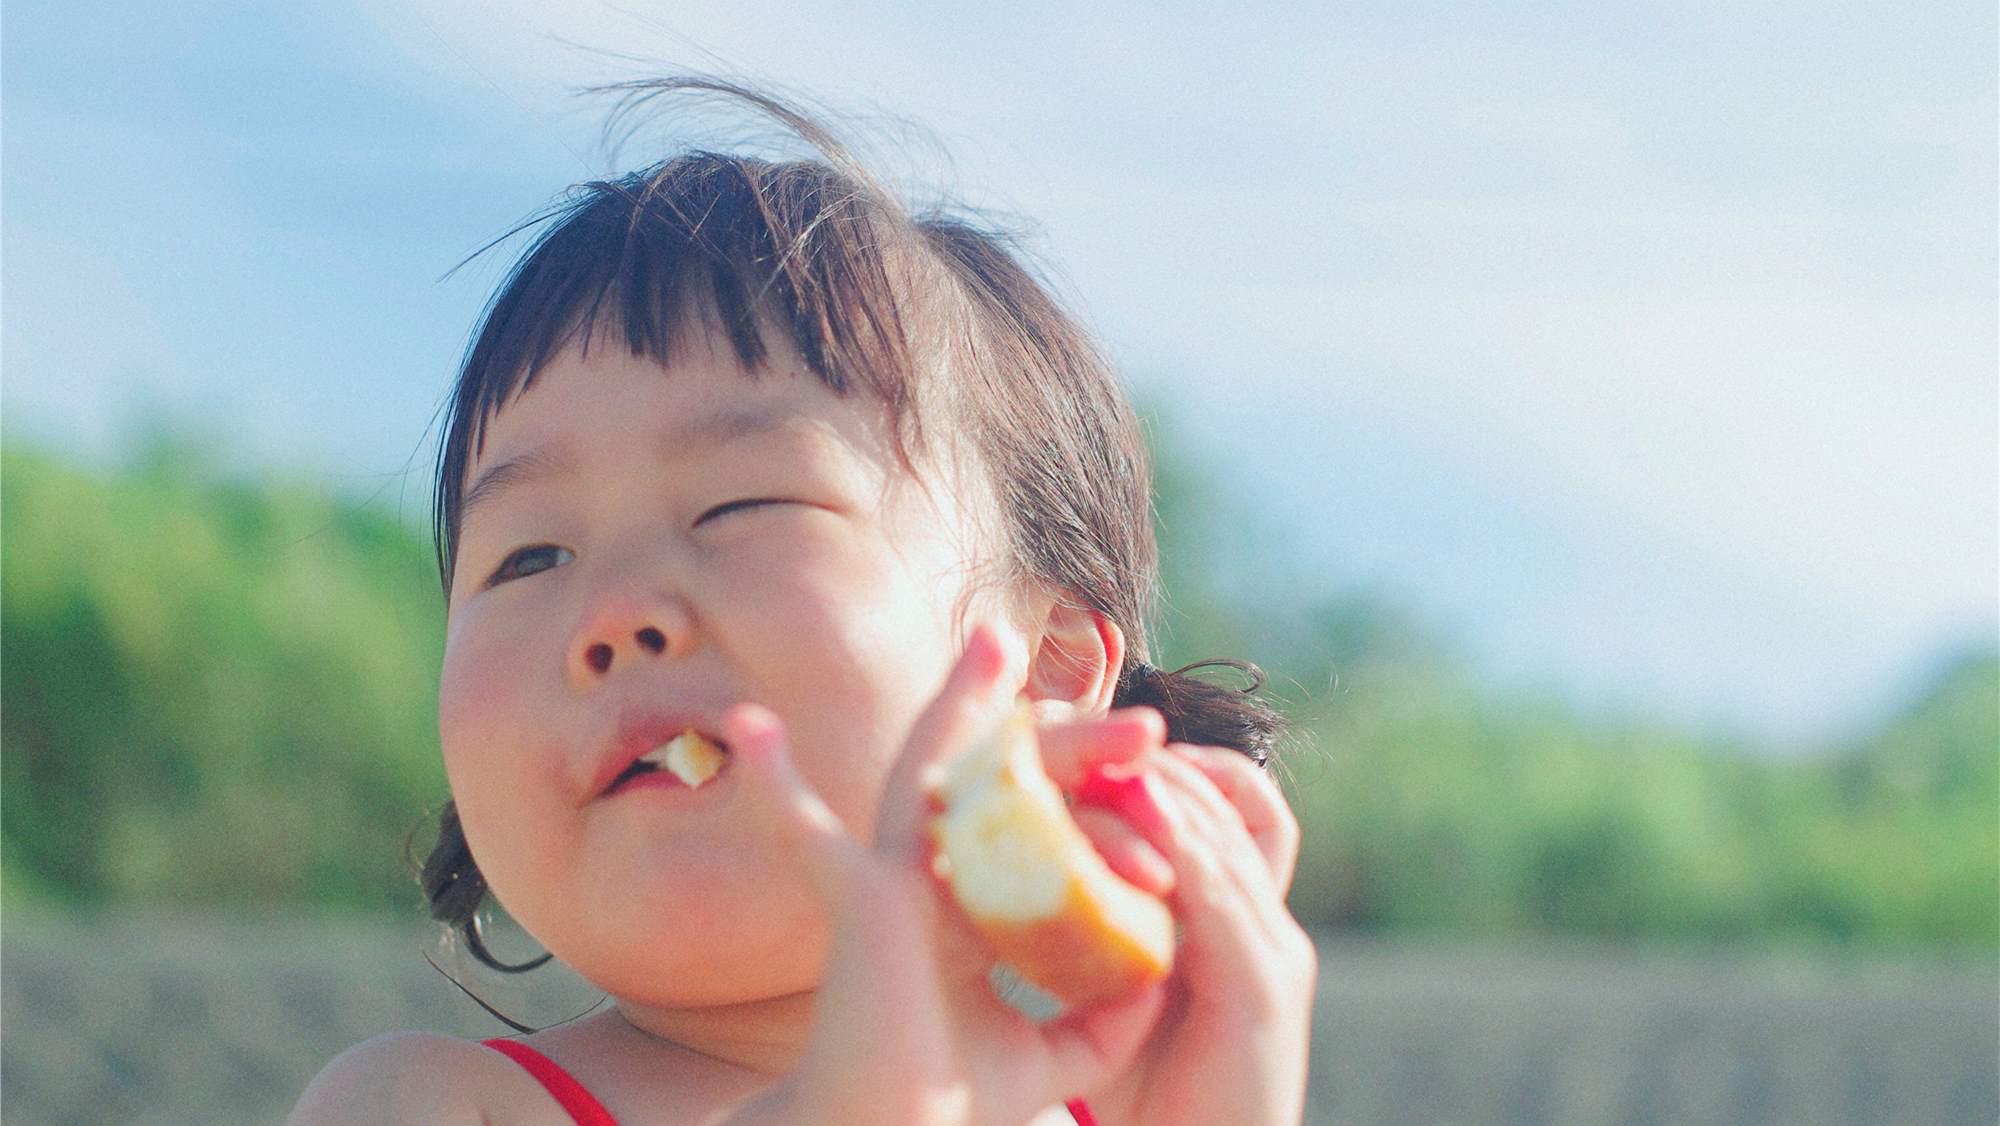 良品铺子抢先制定行业标准,儿童零食是真蓝海还是伪需求?